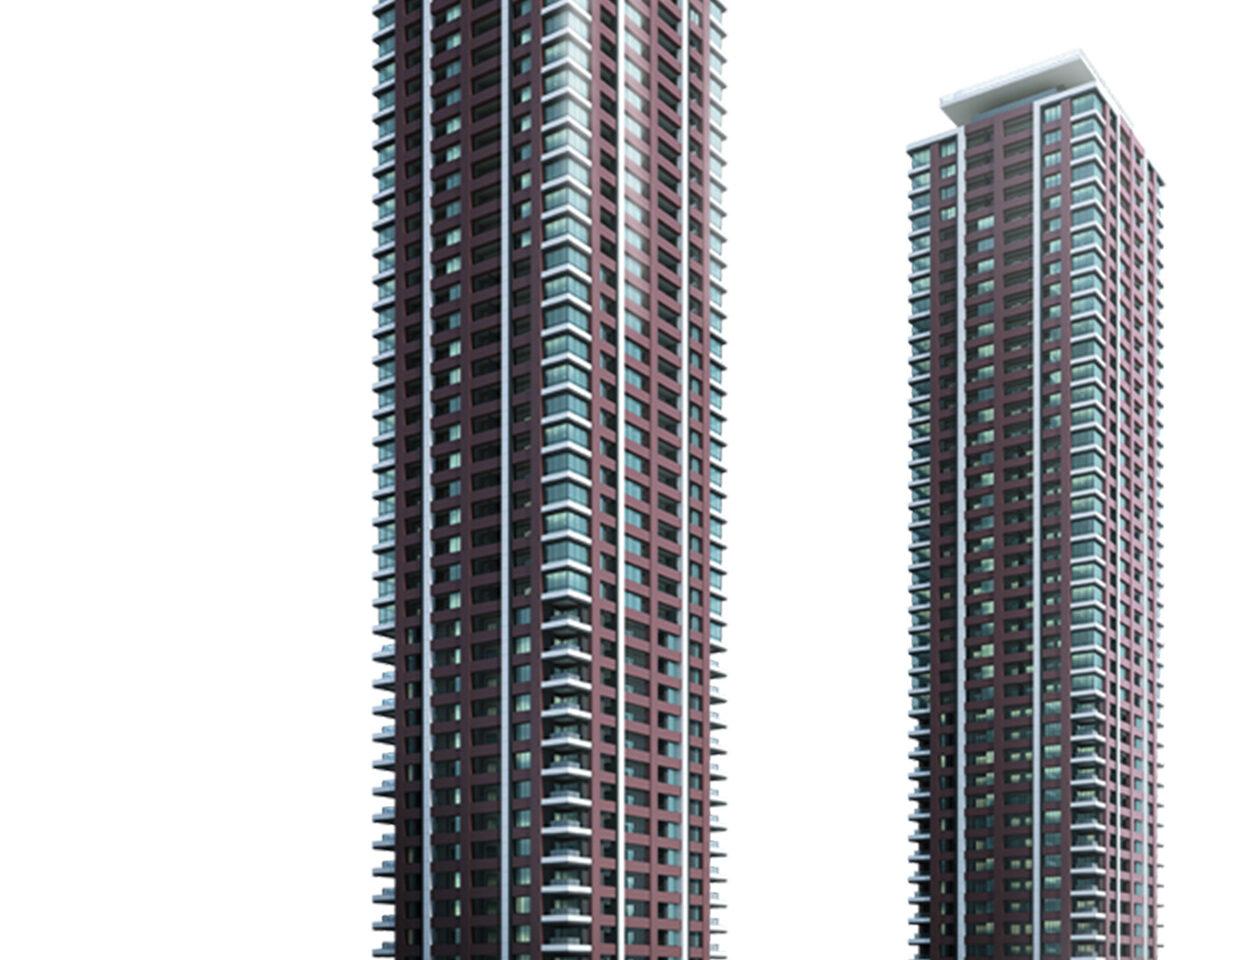 アイランドシティ オーシャン&フォレストタワーレジデンスの完成予想図